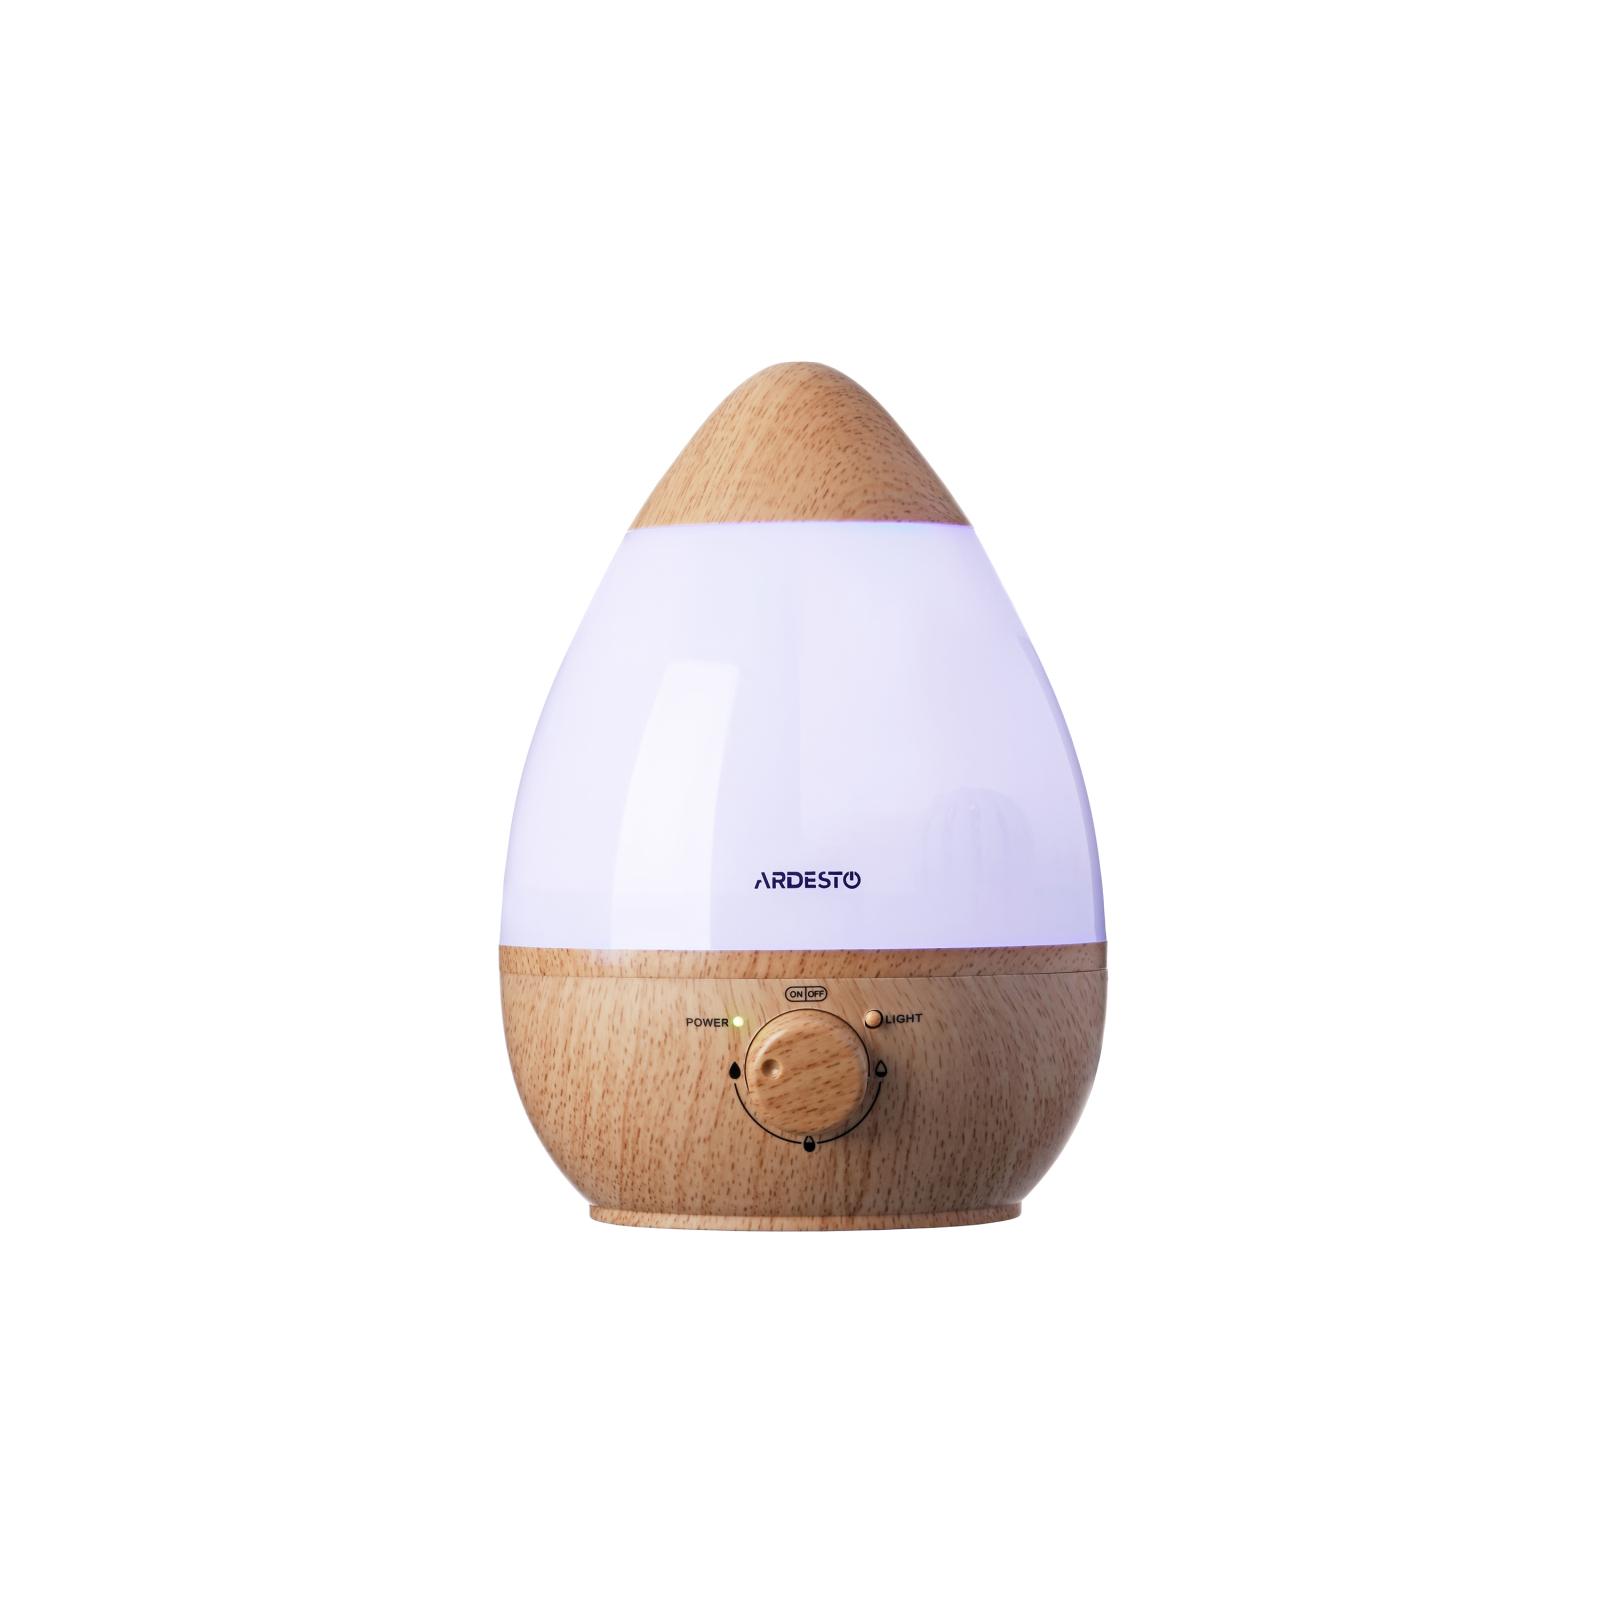 Зволожувач повітря Ardesto USHBFX1-2300-BRIGHT-WOOD зображення 3